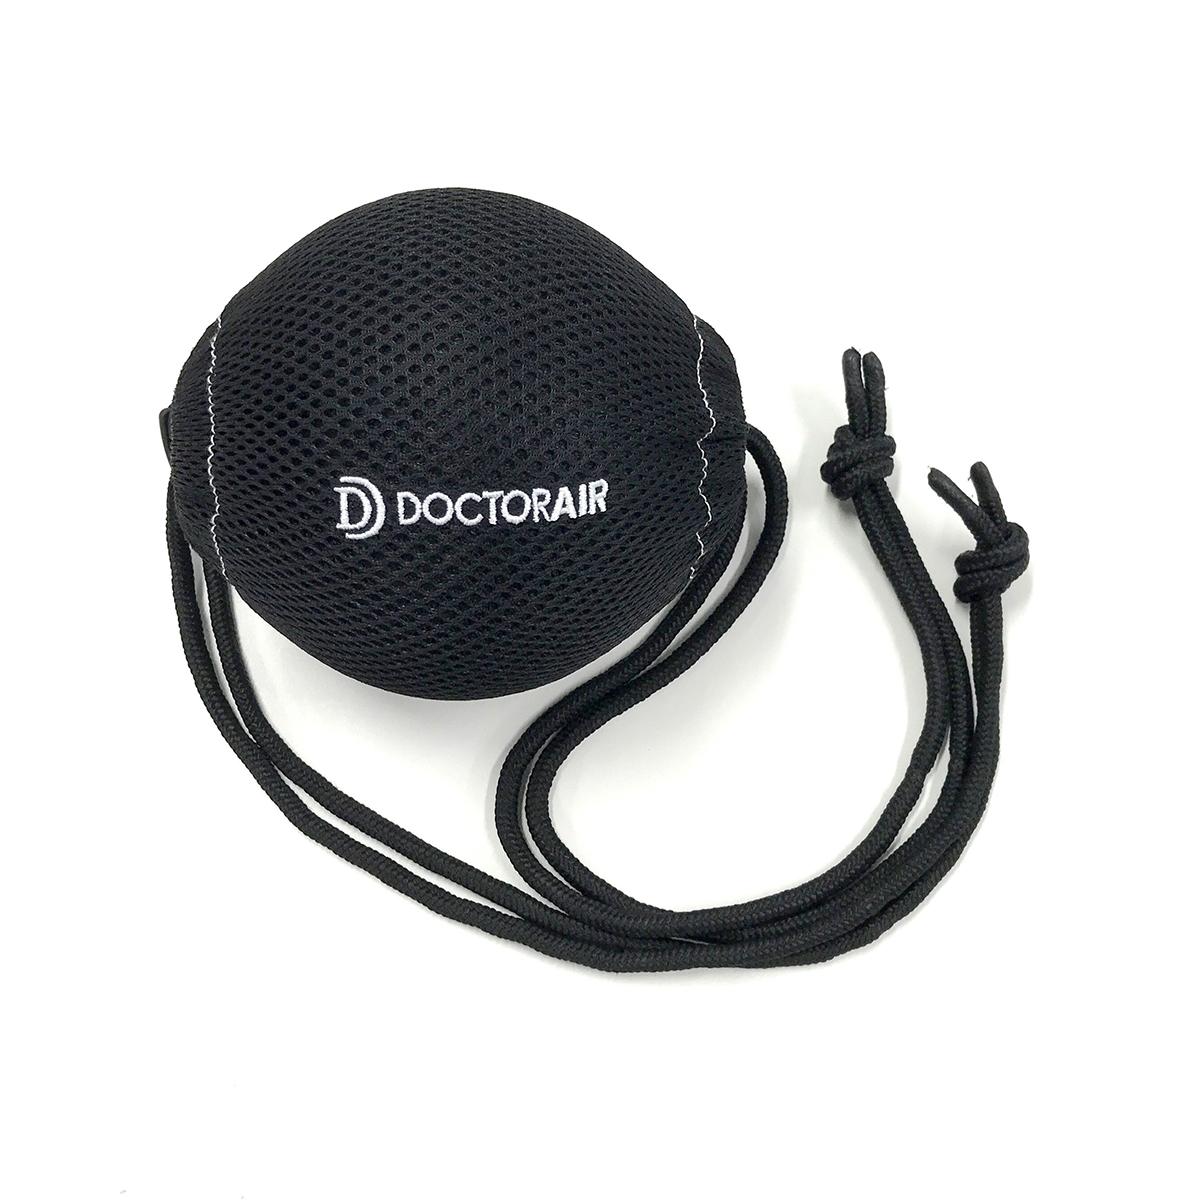 背中へラクに届く持ち手つきカバー|毎分4000回の振動で、筋肉を奥深くから揺さぶるストレッチボール|Dr.Air 3Dコンディショニングボール